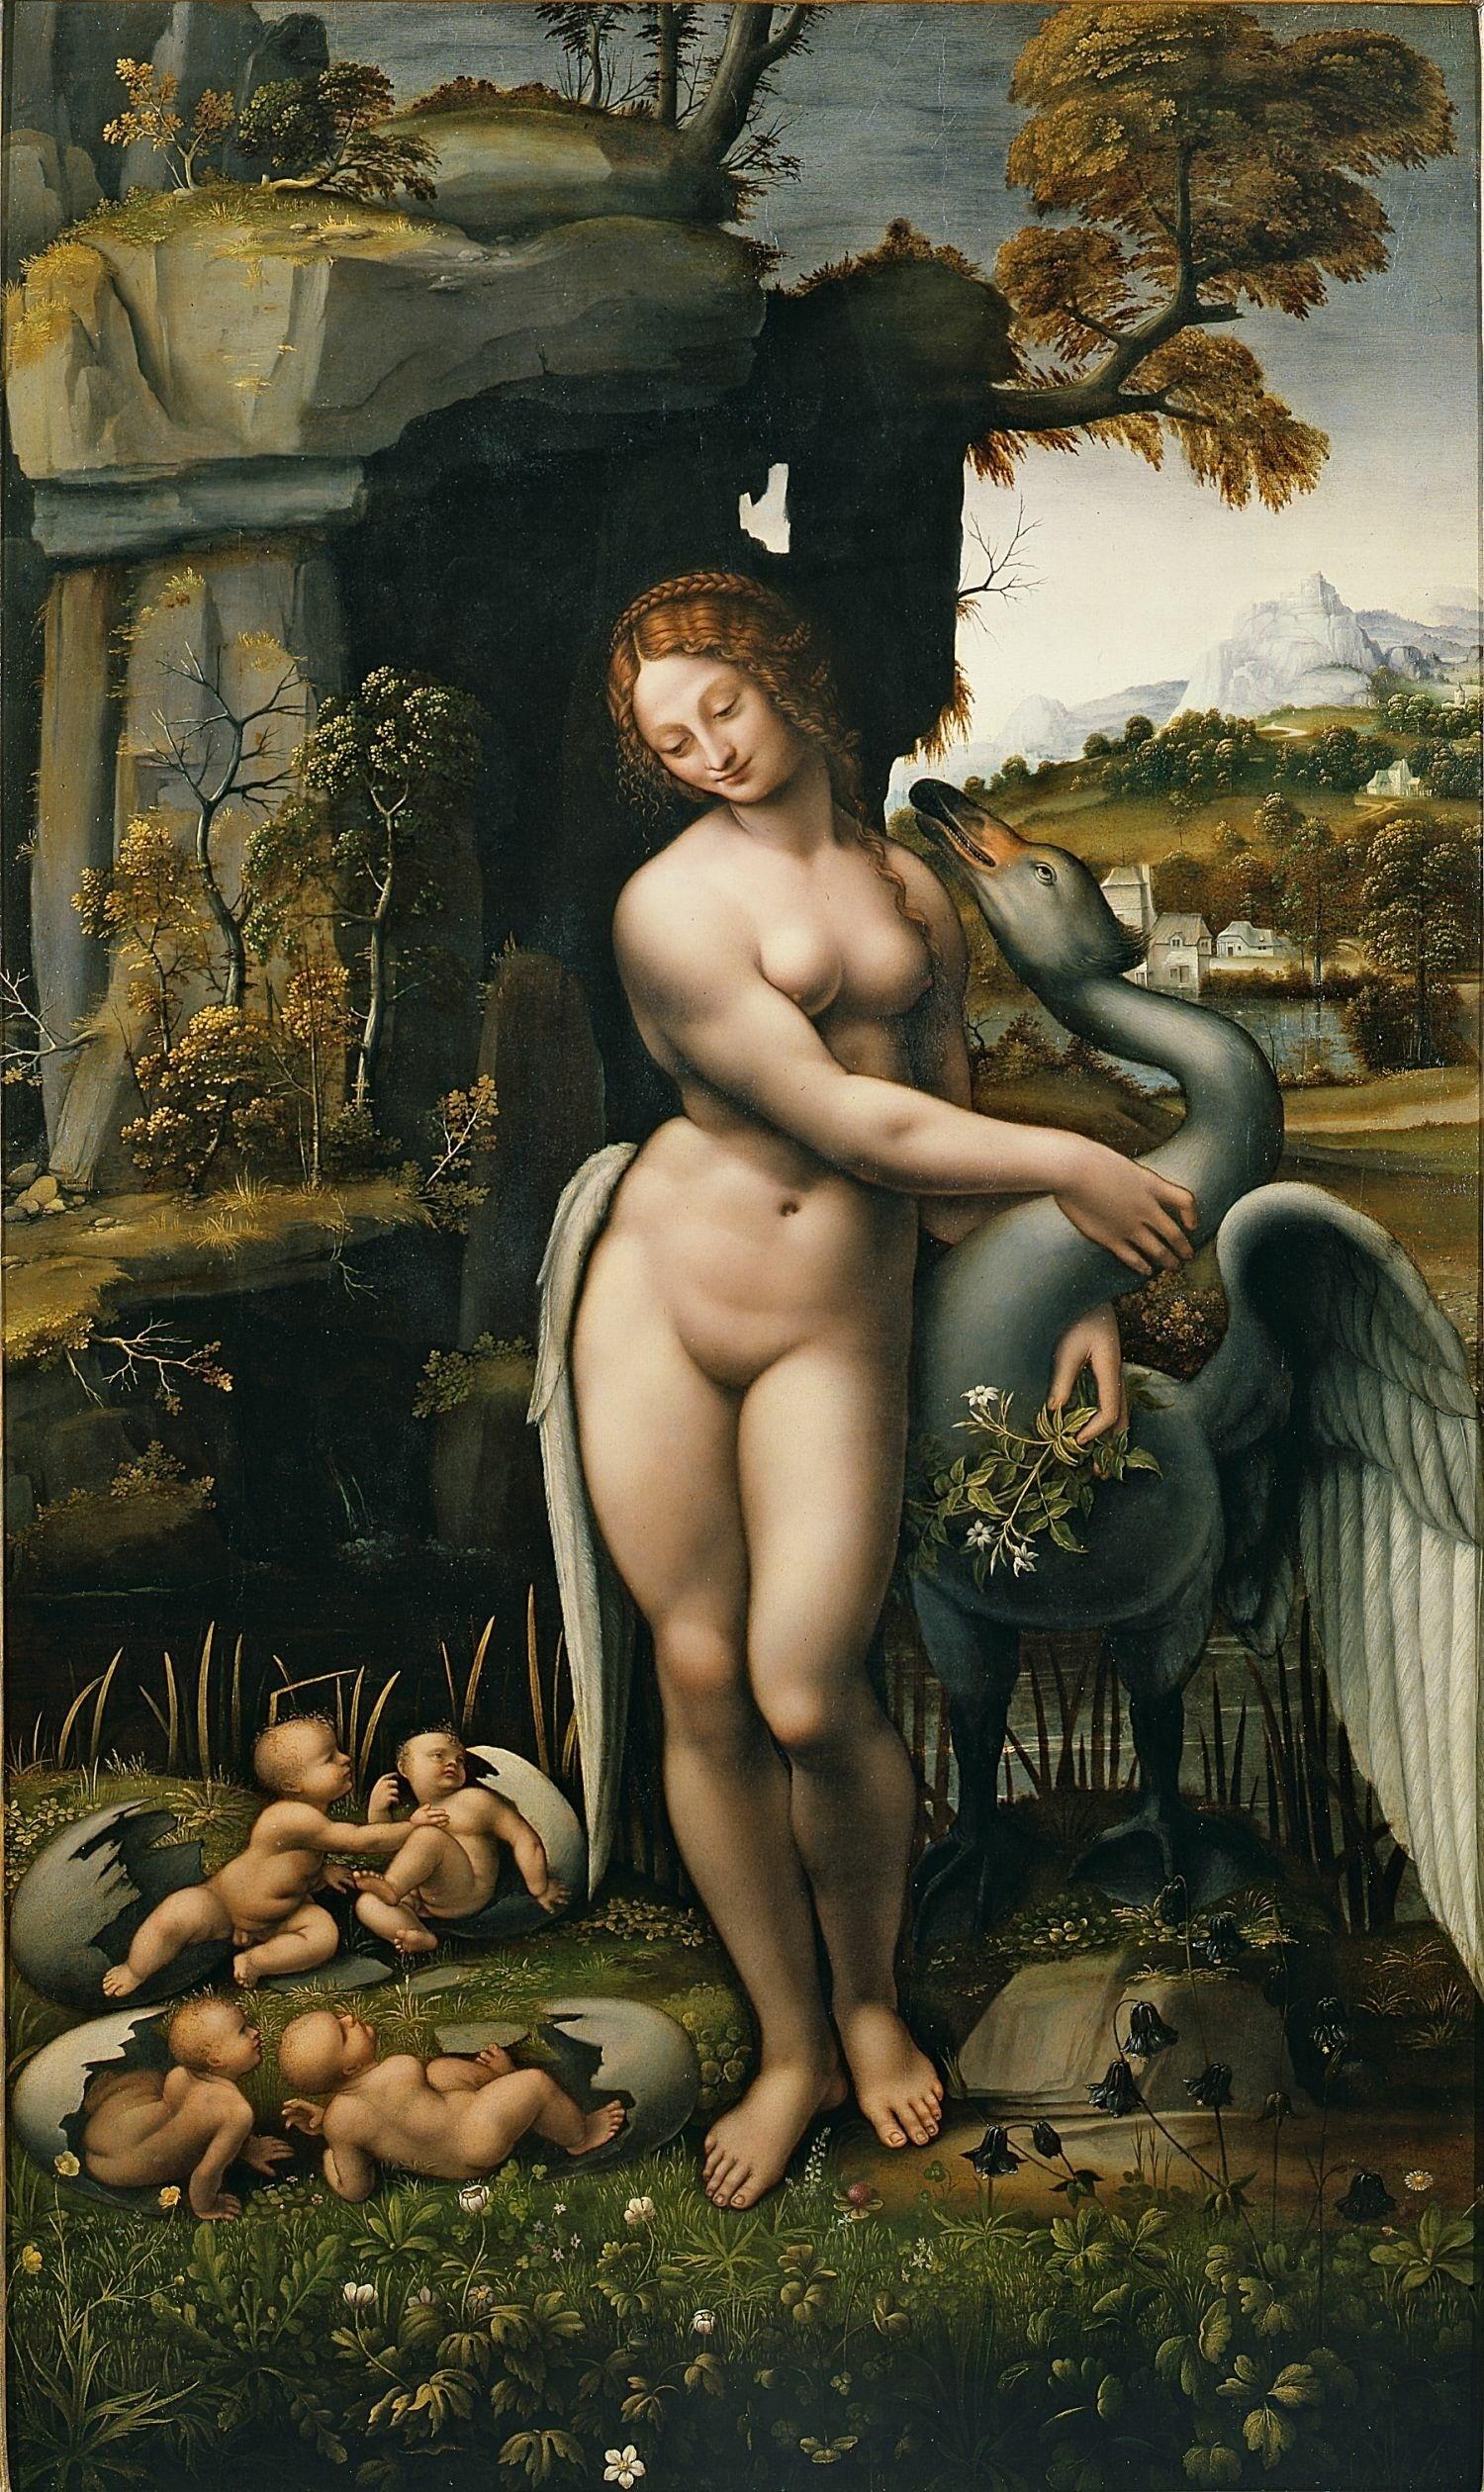 丽达与鹅 意大利 达芬奇 板上油画 纵112×横86厘米 佛罗伦萨乌菲齐美术馆藏